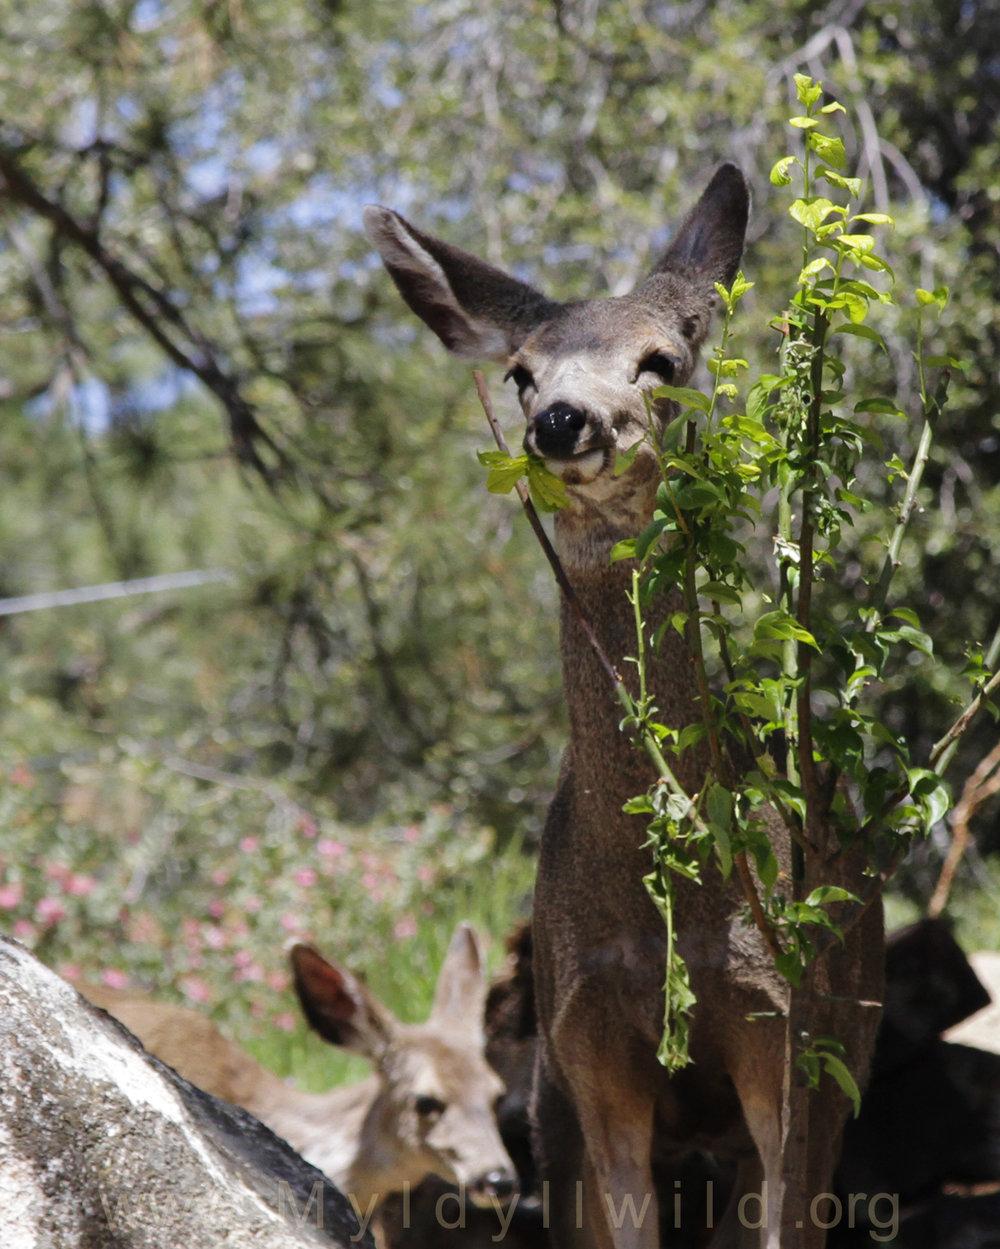 041917 Deer herd @ Rockdale 1.jpg